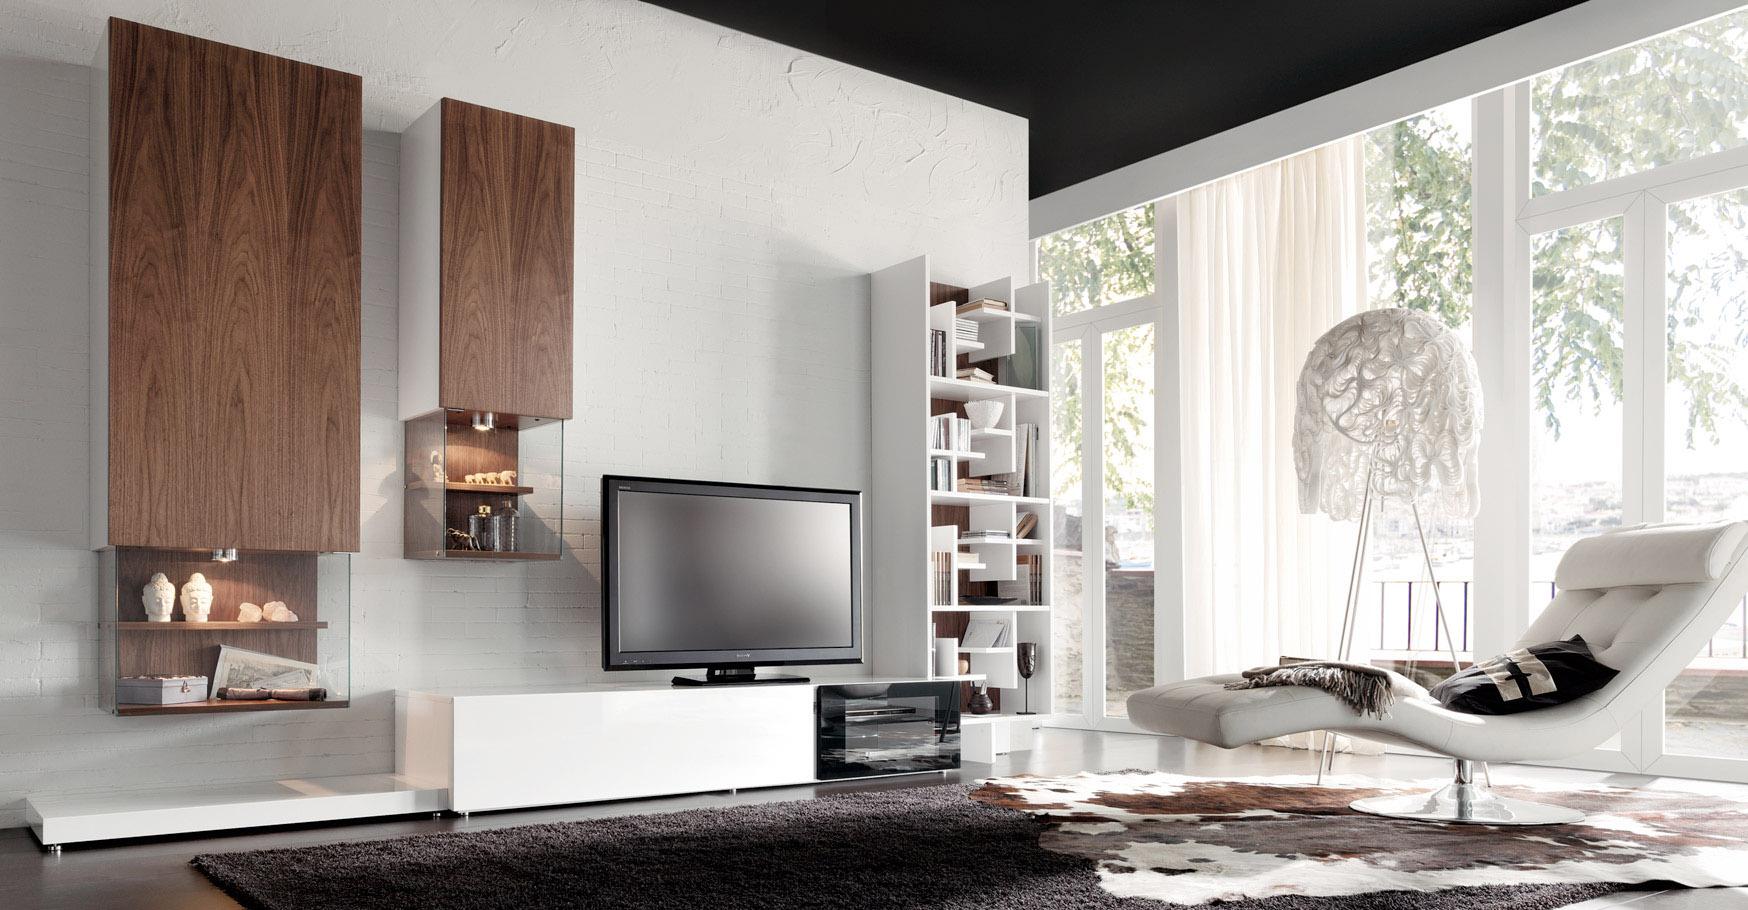 modulares de salon de estilo moderno (8)